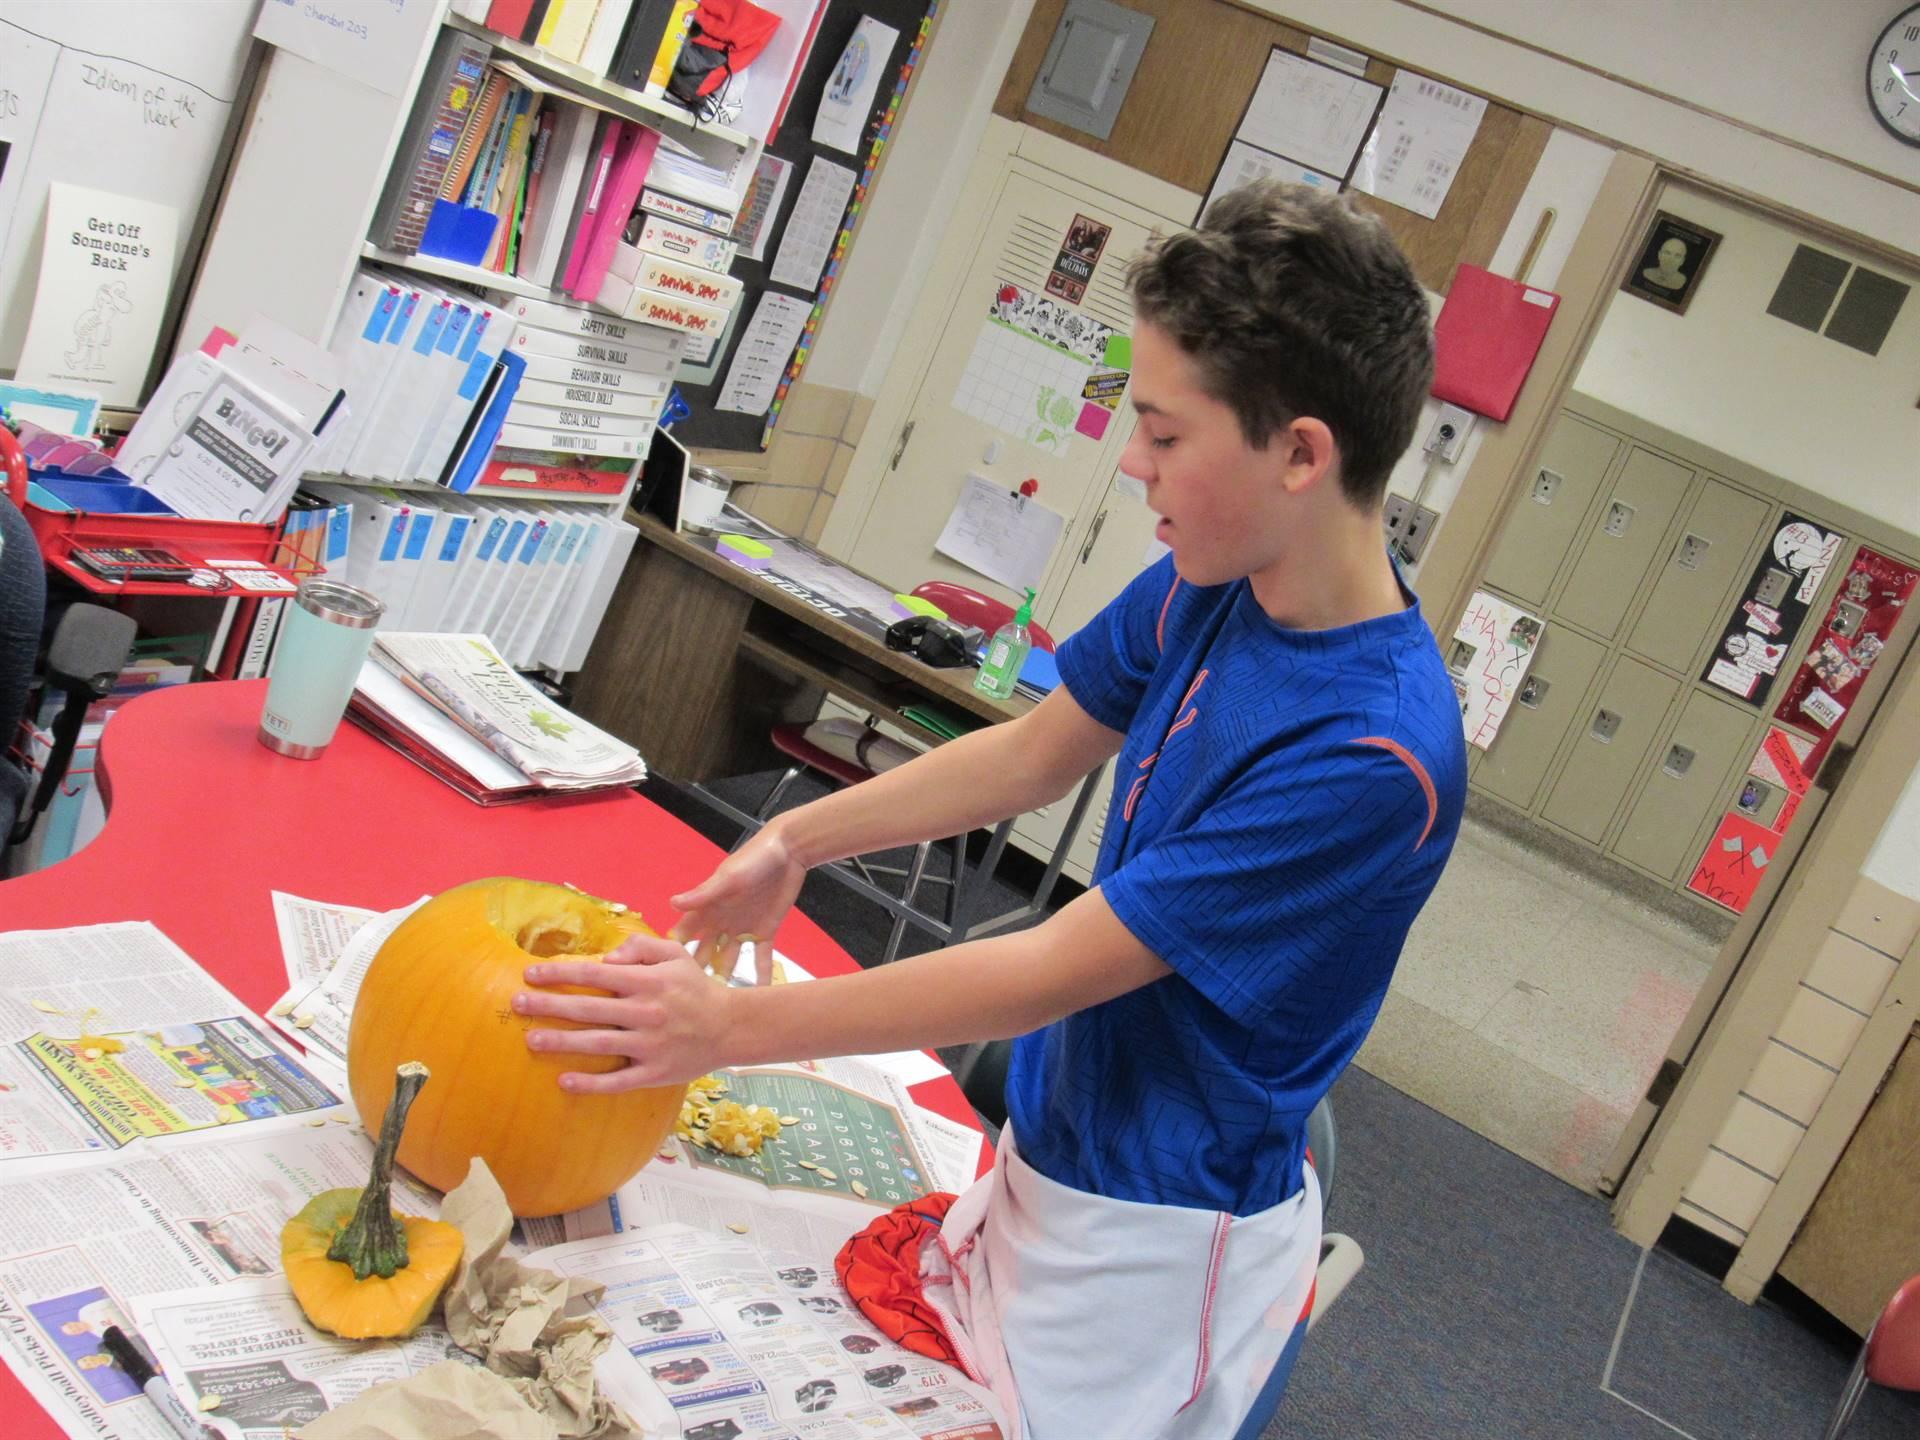 CHS student carving a pumpkin